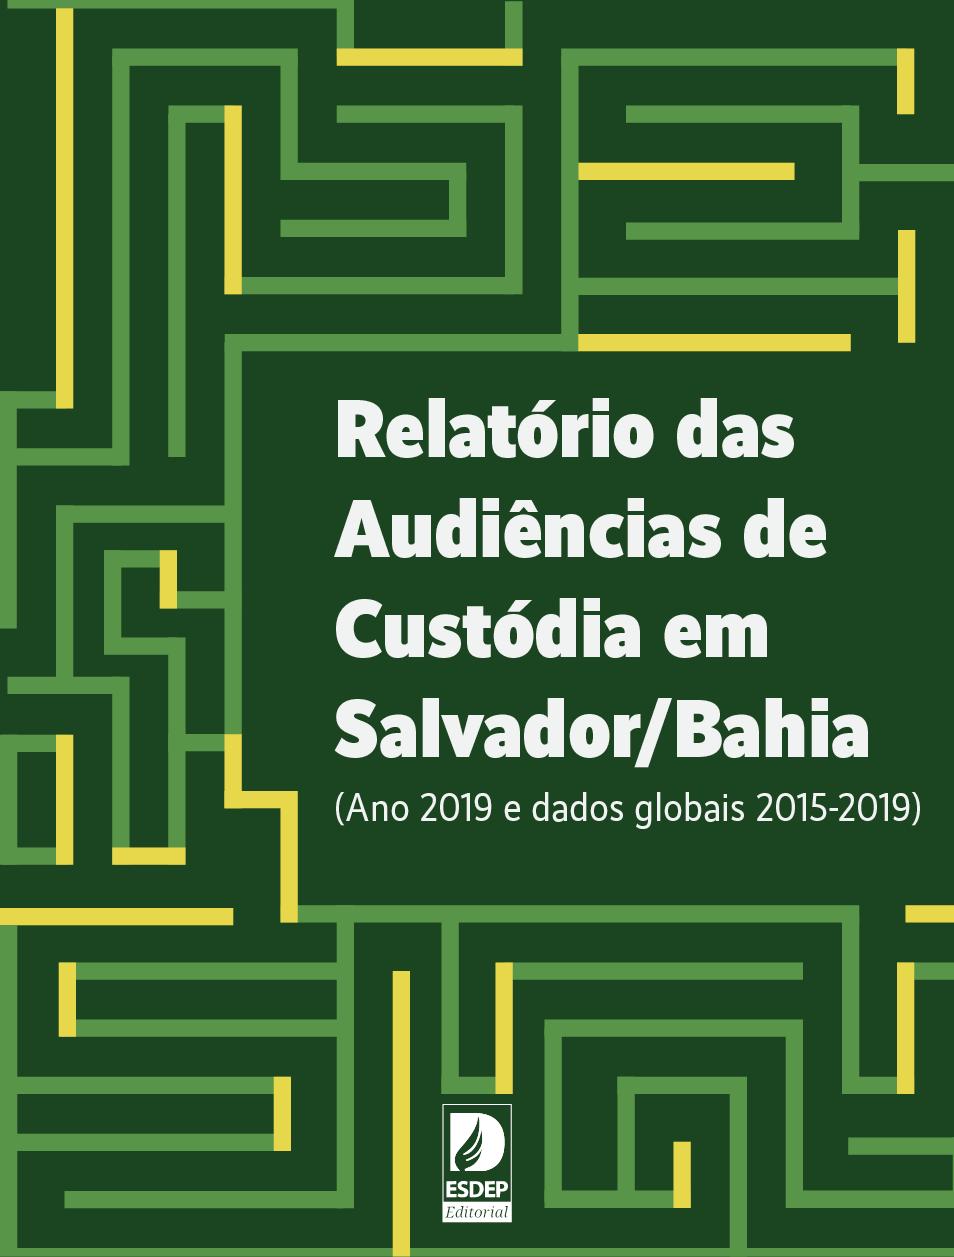 Relatório das Audiências de Custódia em Salvador/Bahia (Ano 2019 e dados globais 2015-2019)